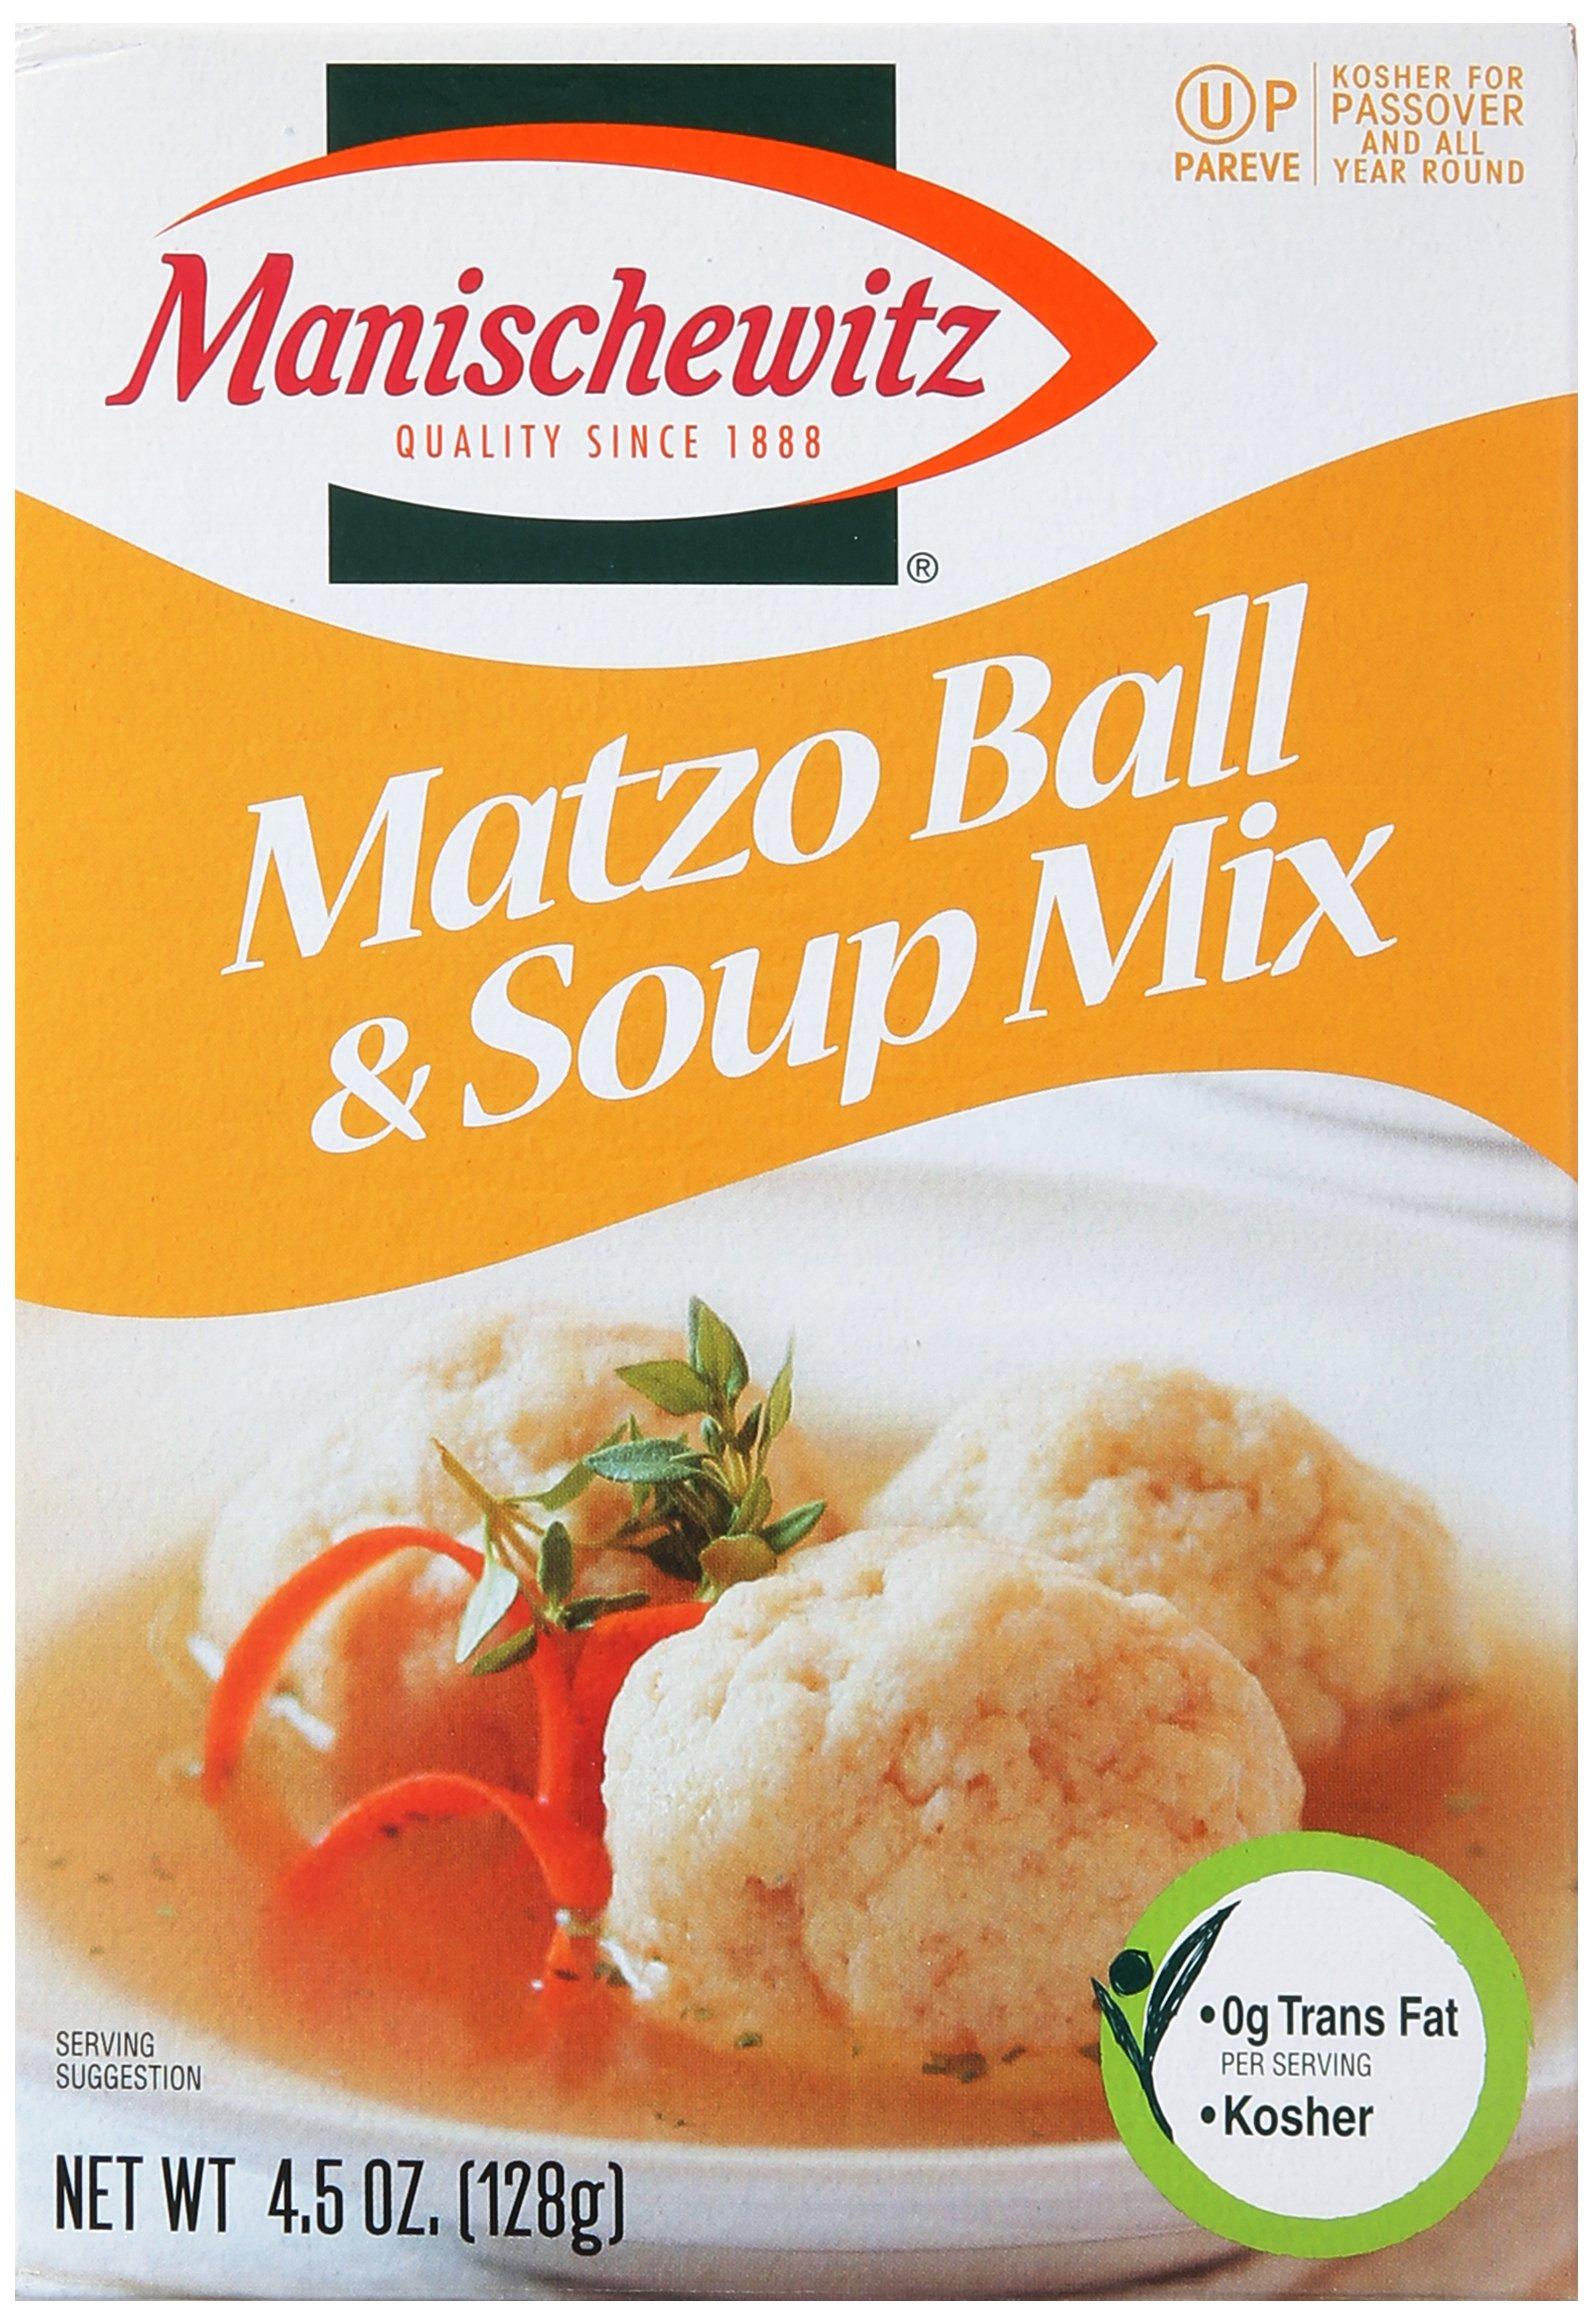 Matzo Ball & Soup Mix, 4.5 oz